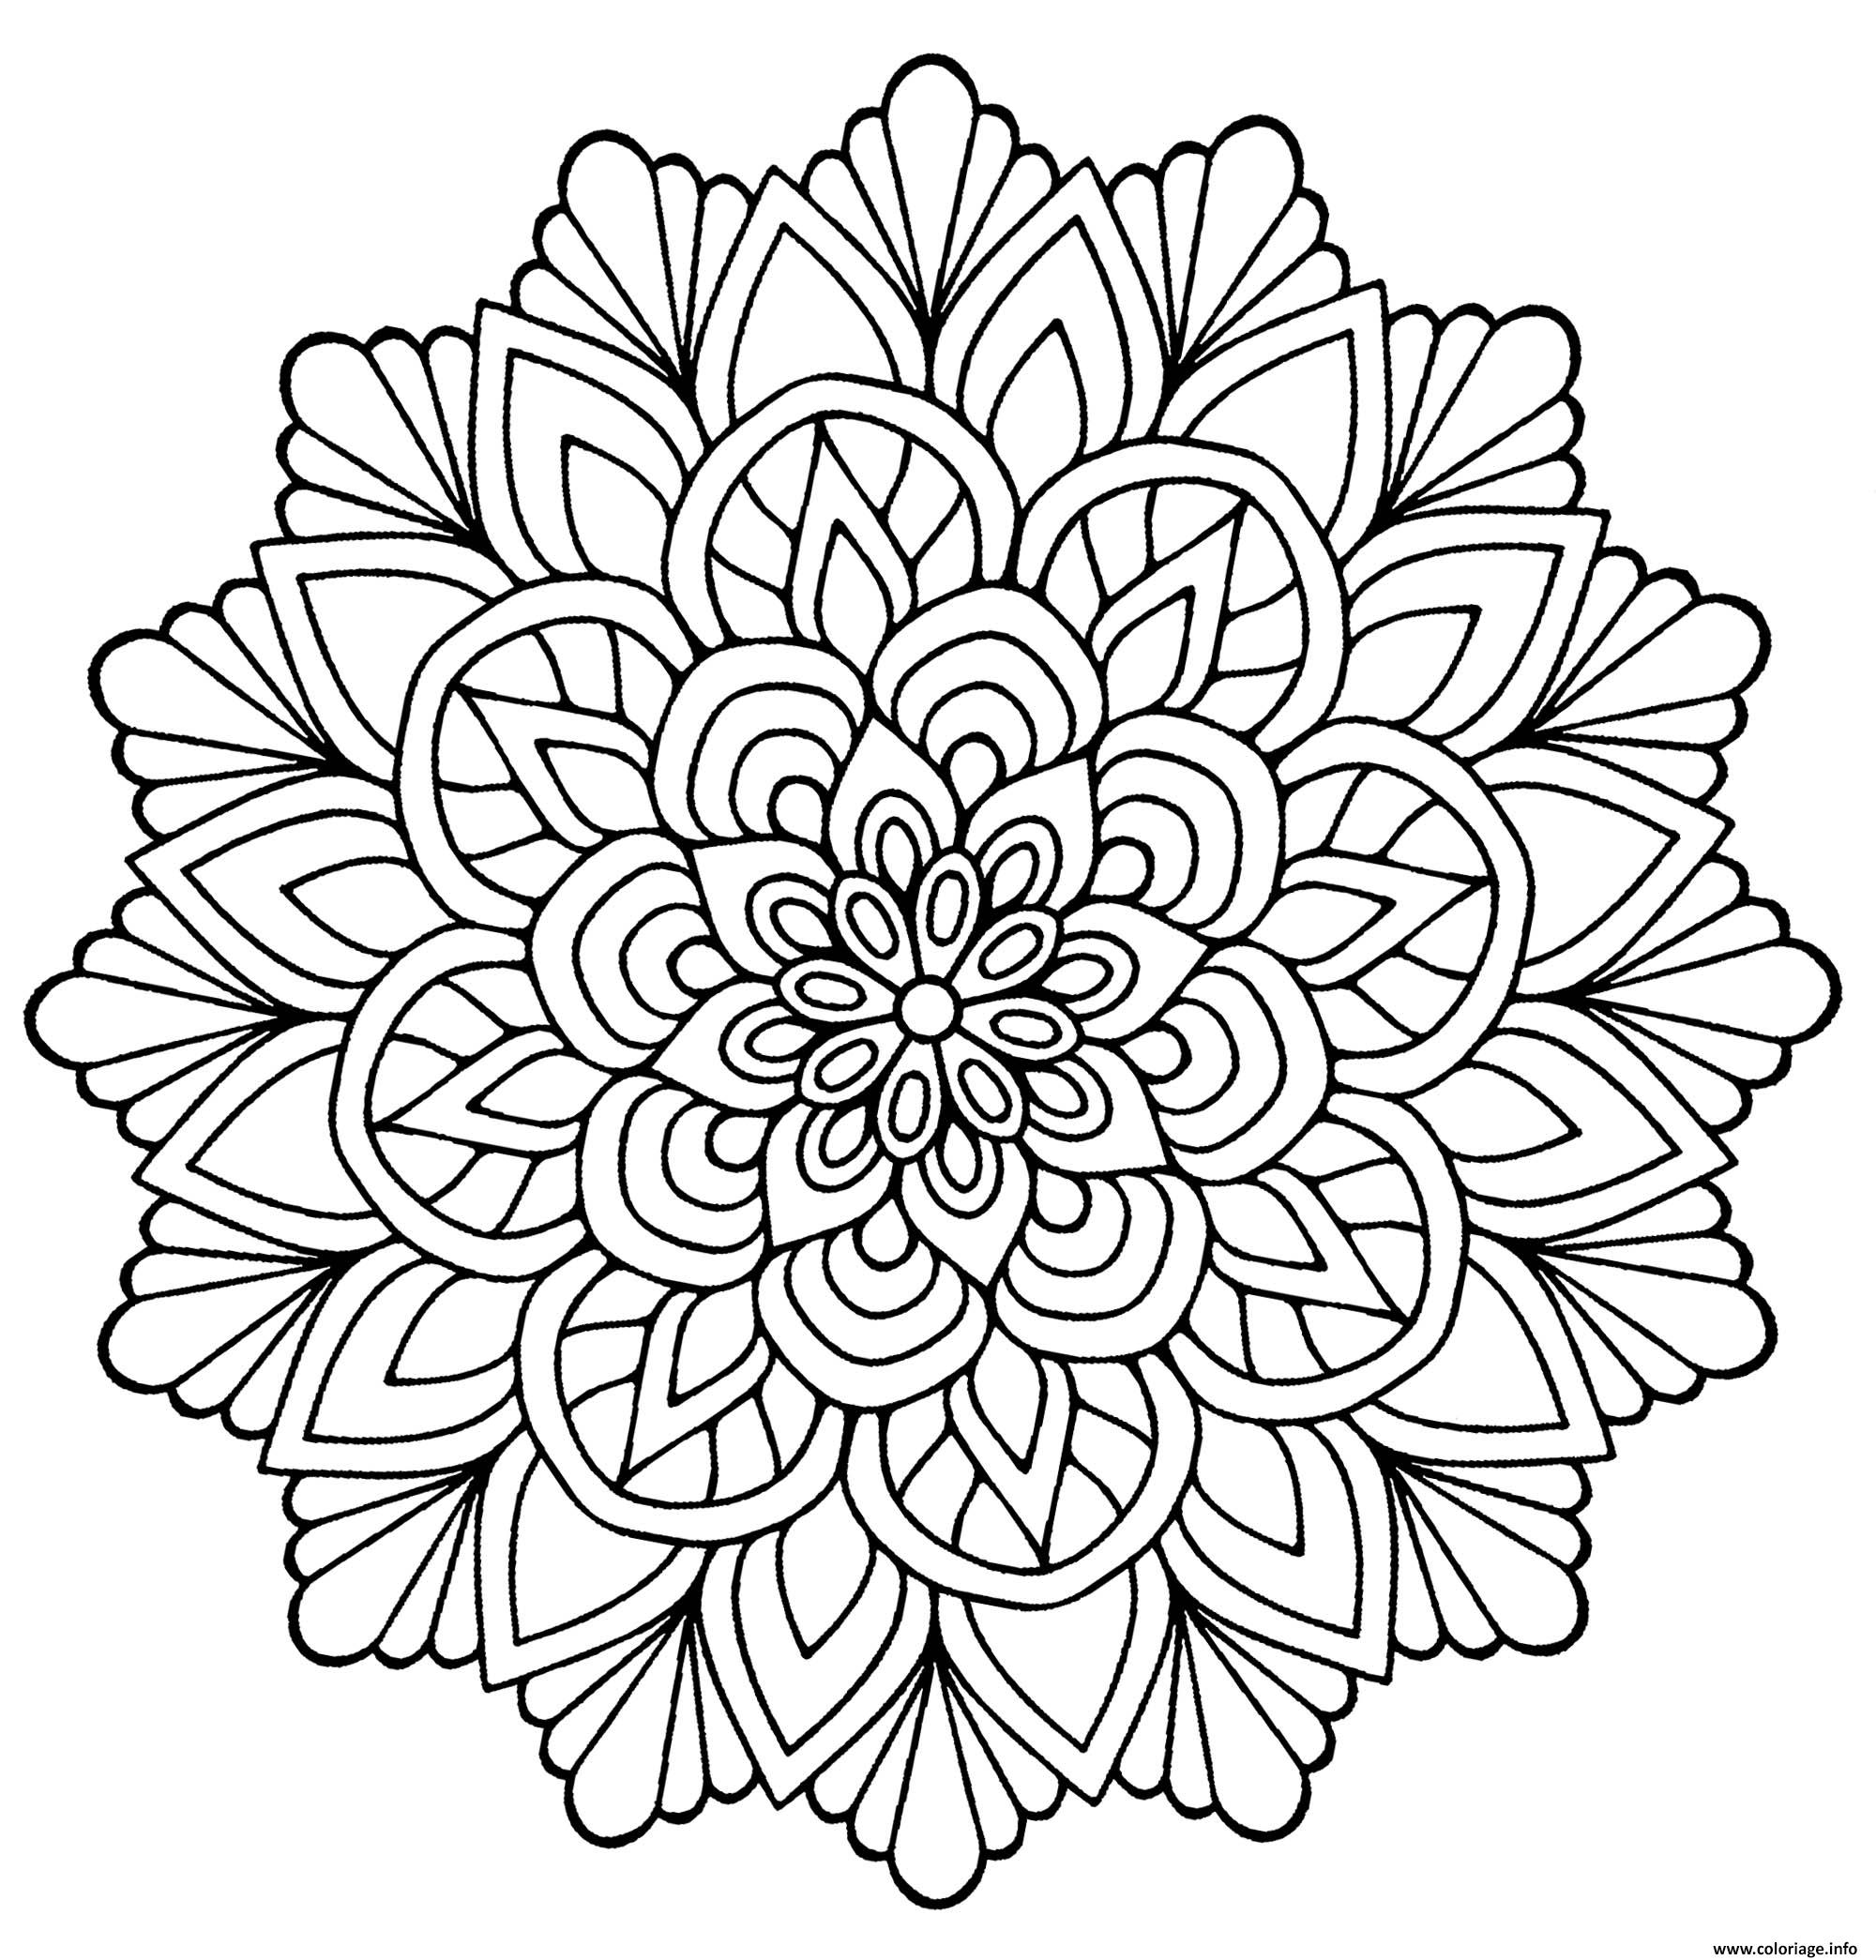 Coloriage De Mandala Fleur.Coloriage Mandala Fleur Avec Feuilles Jecolorie Com